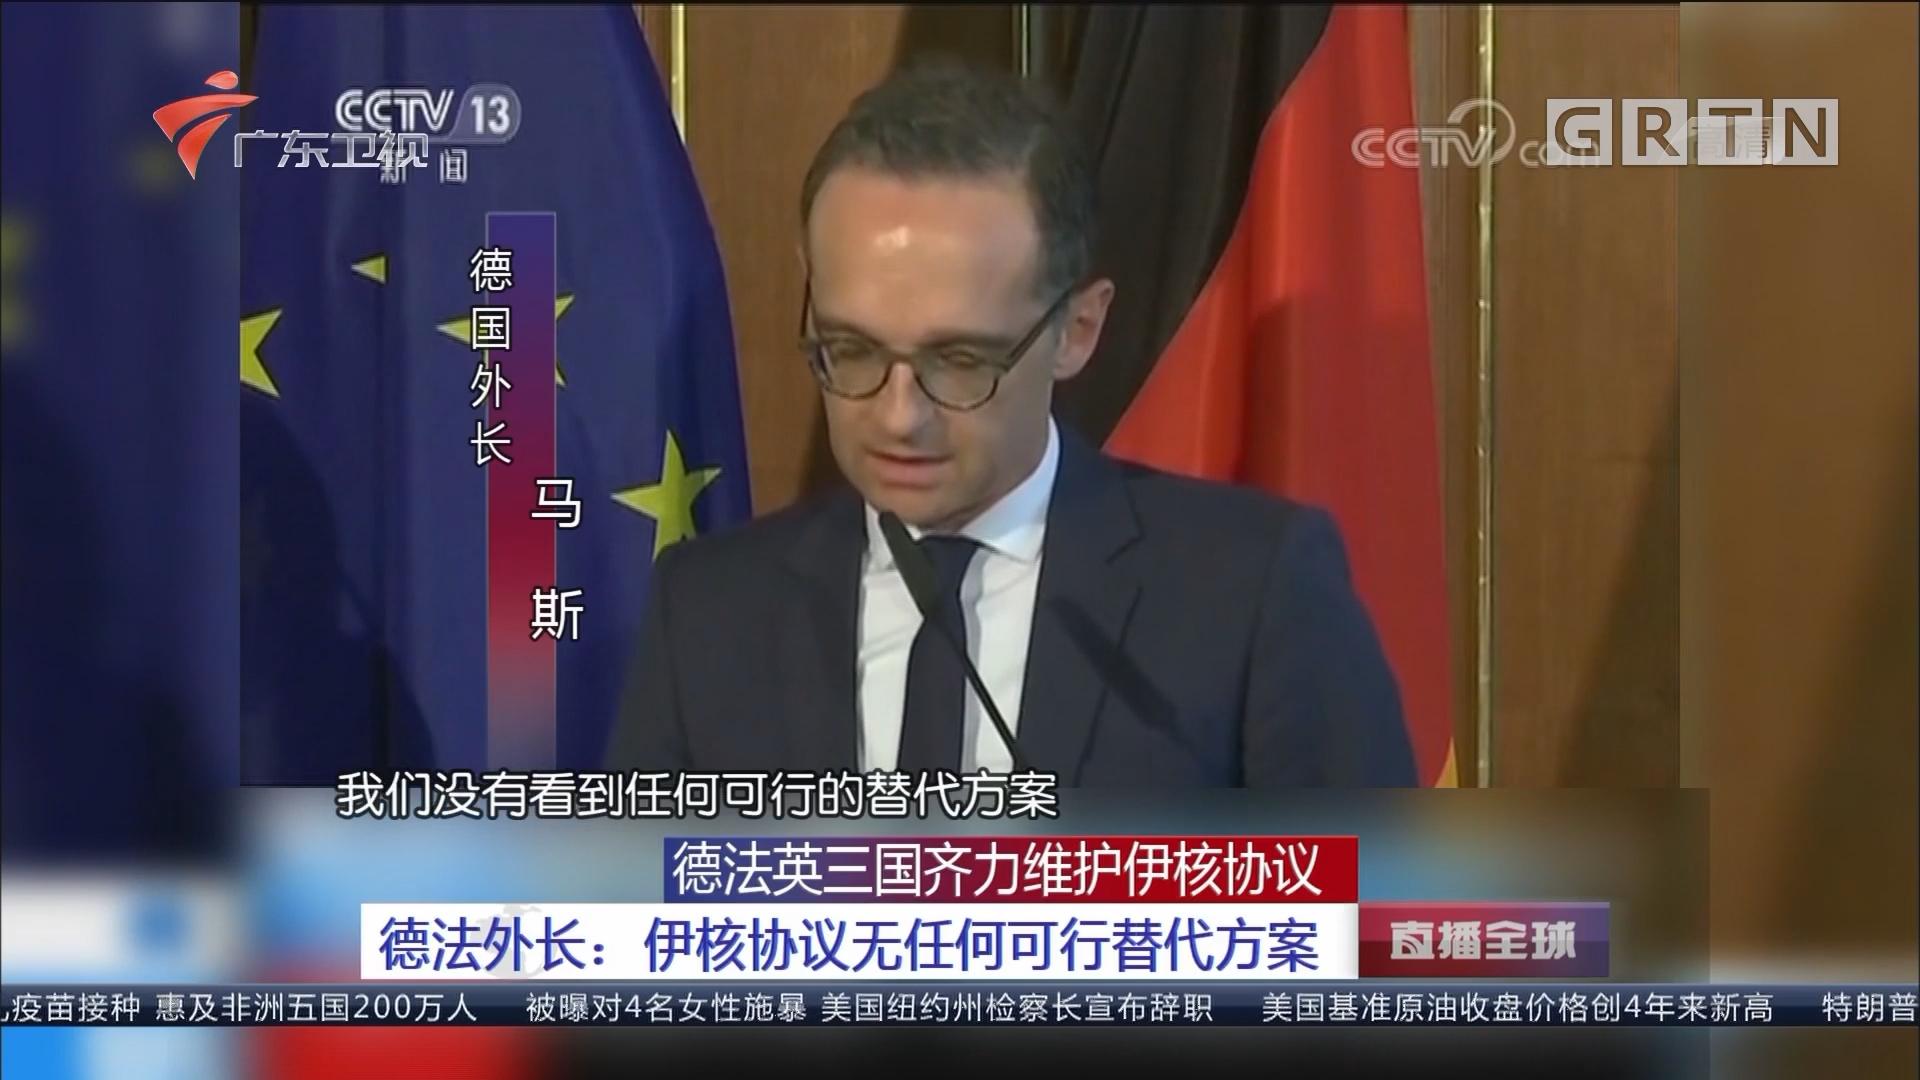 德法英三国齐力维护伊核协议 德法外长:伊核协议无任何可行替代方案